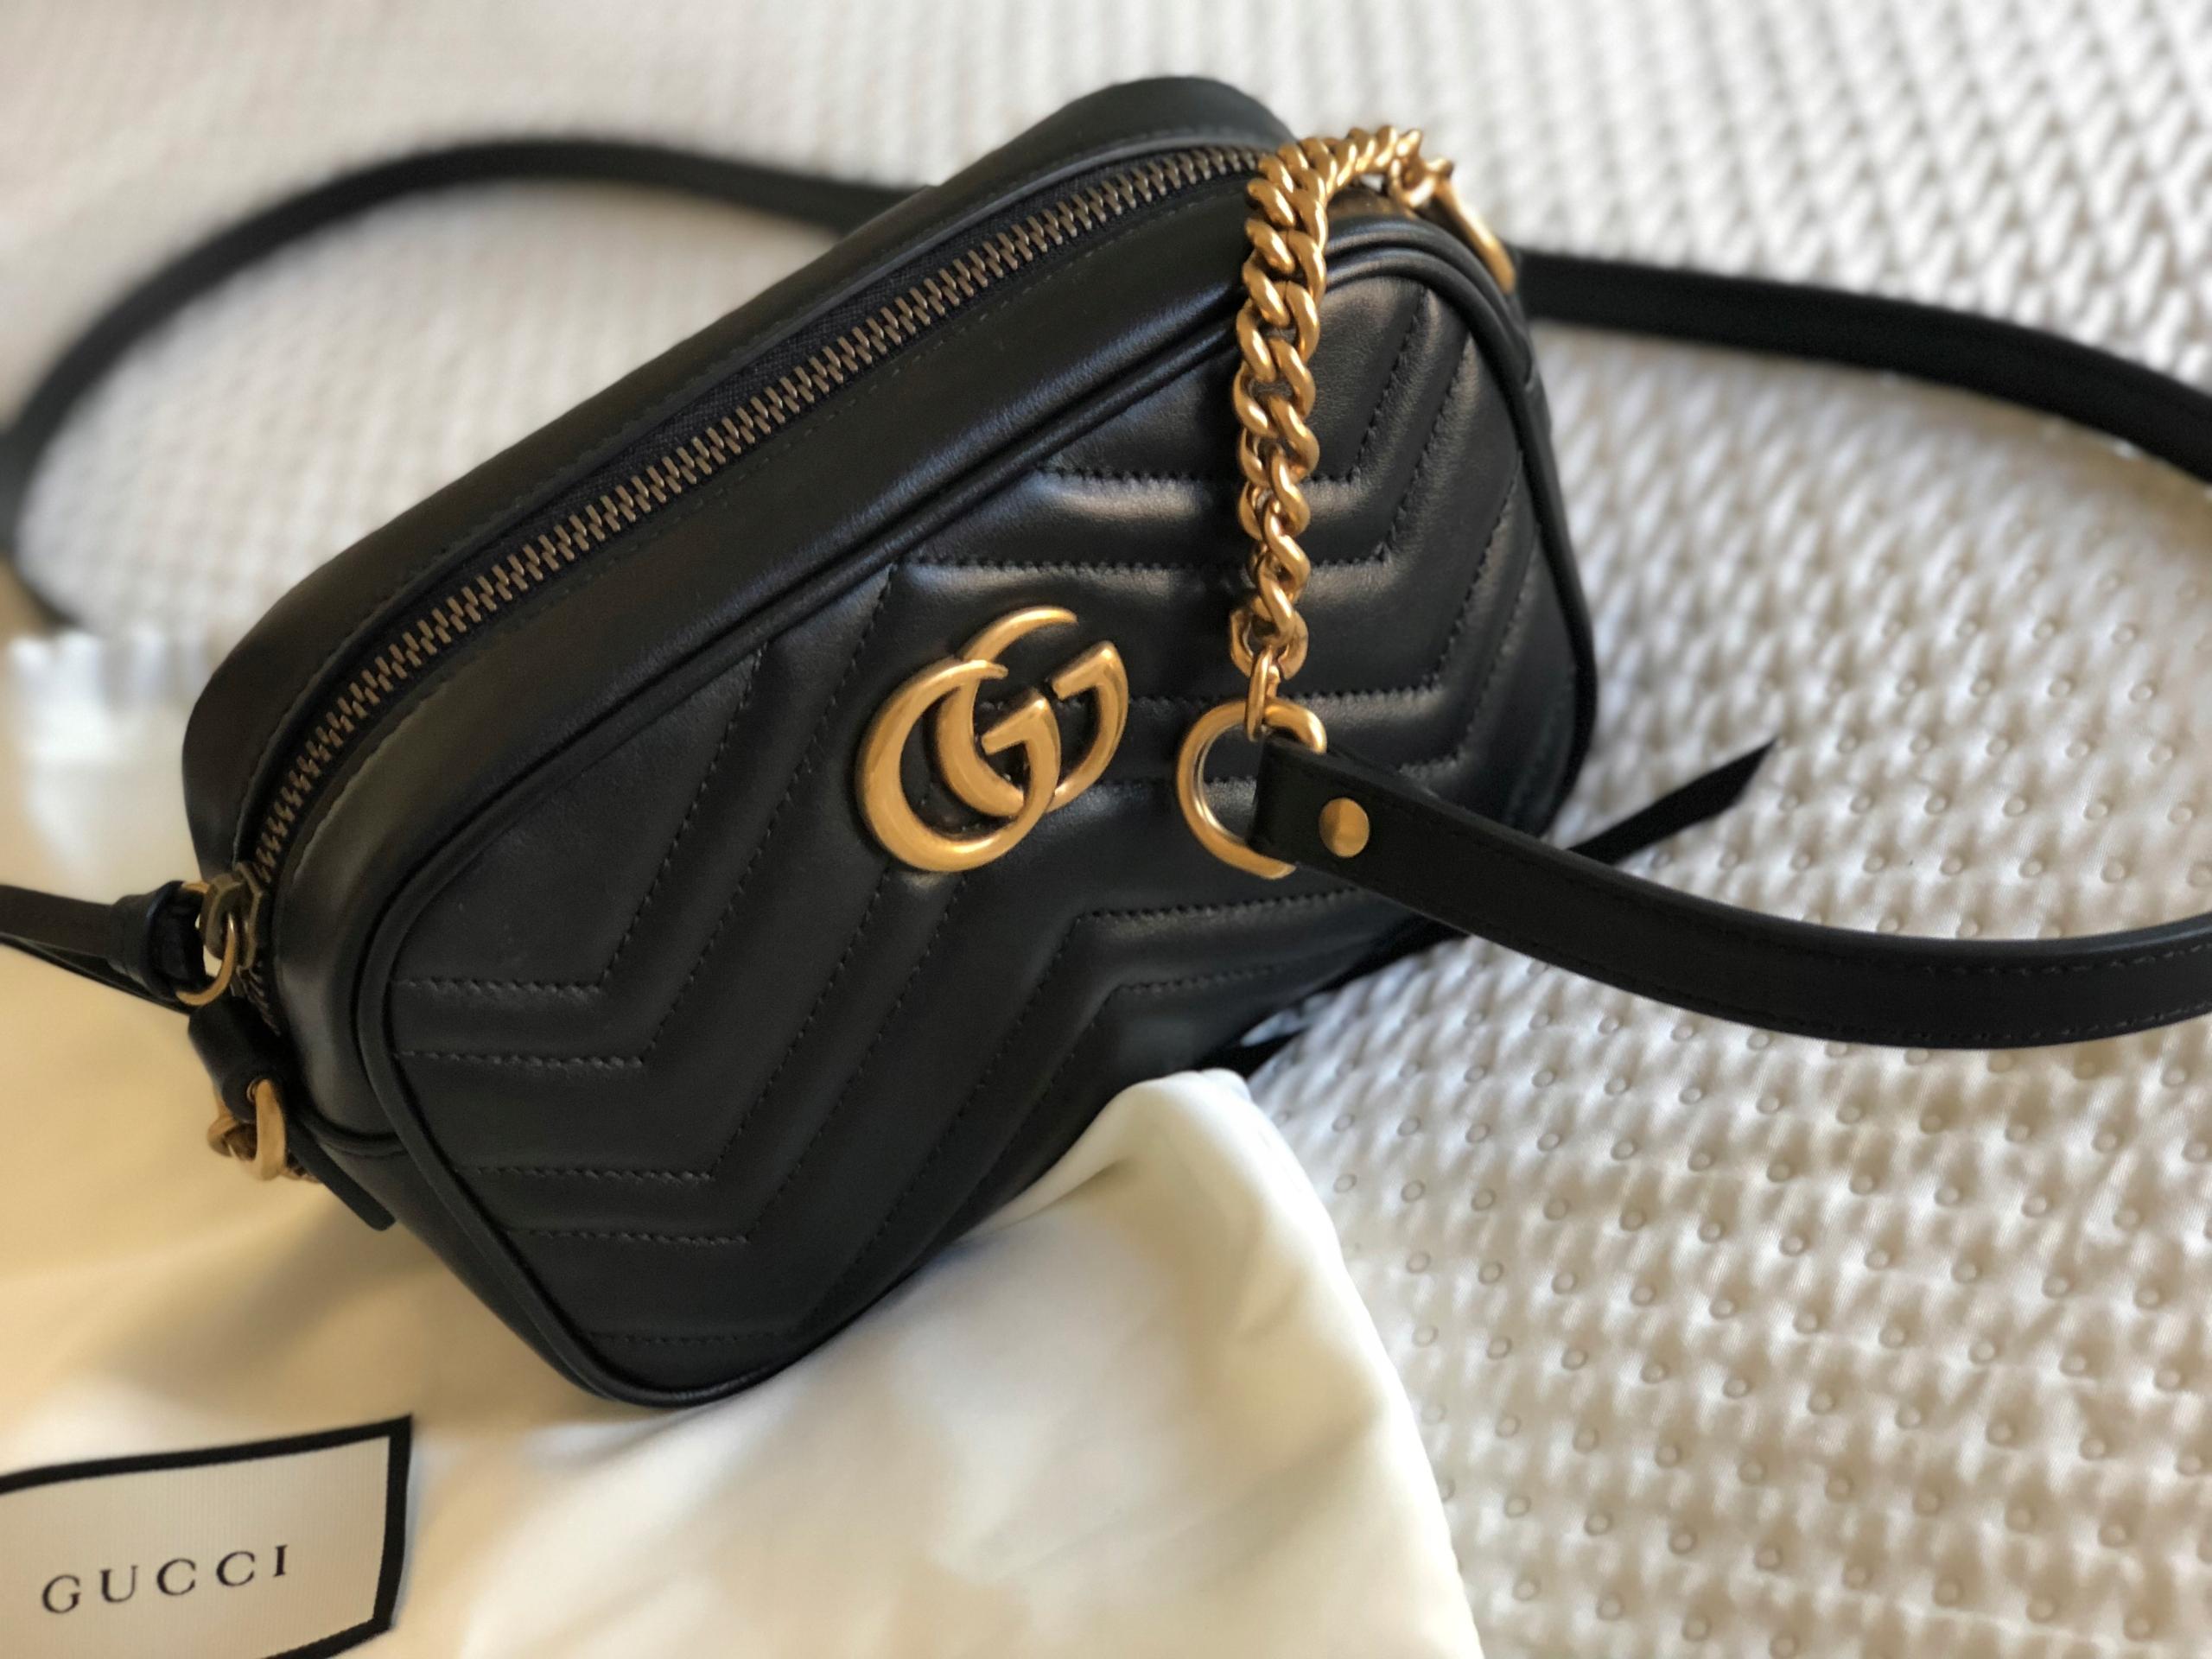 e11edd1235dbb Torebka Gucci GG Marmont Oryginalna - 7755127270 - oficjalne ...